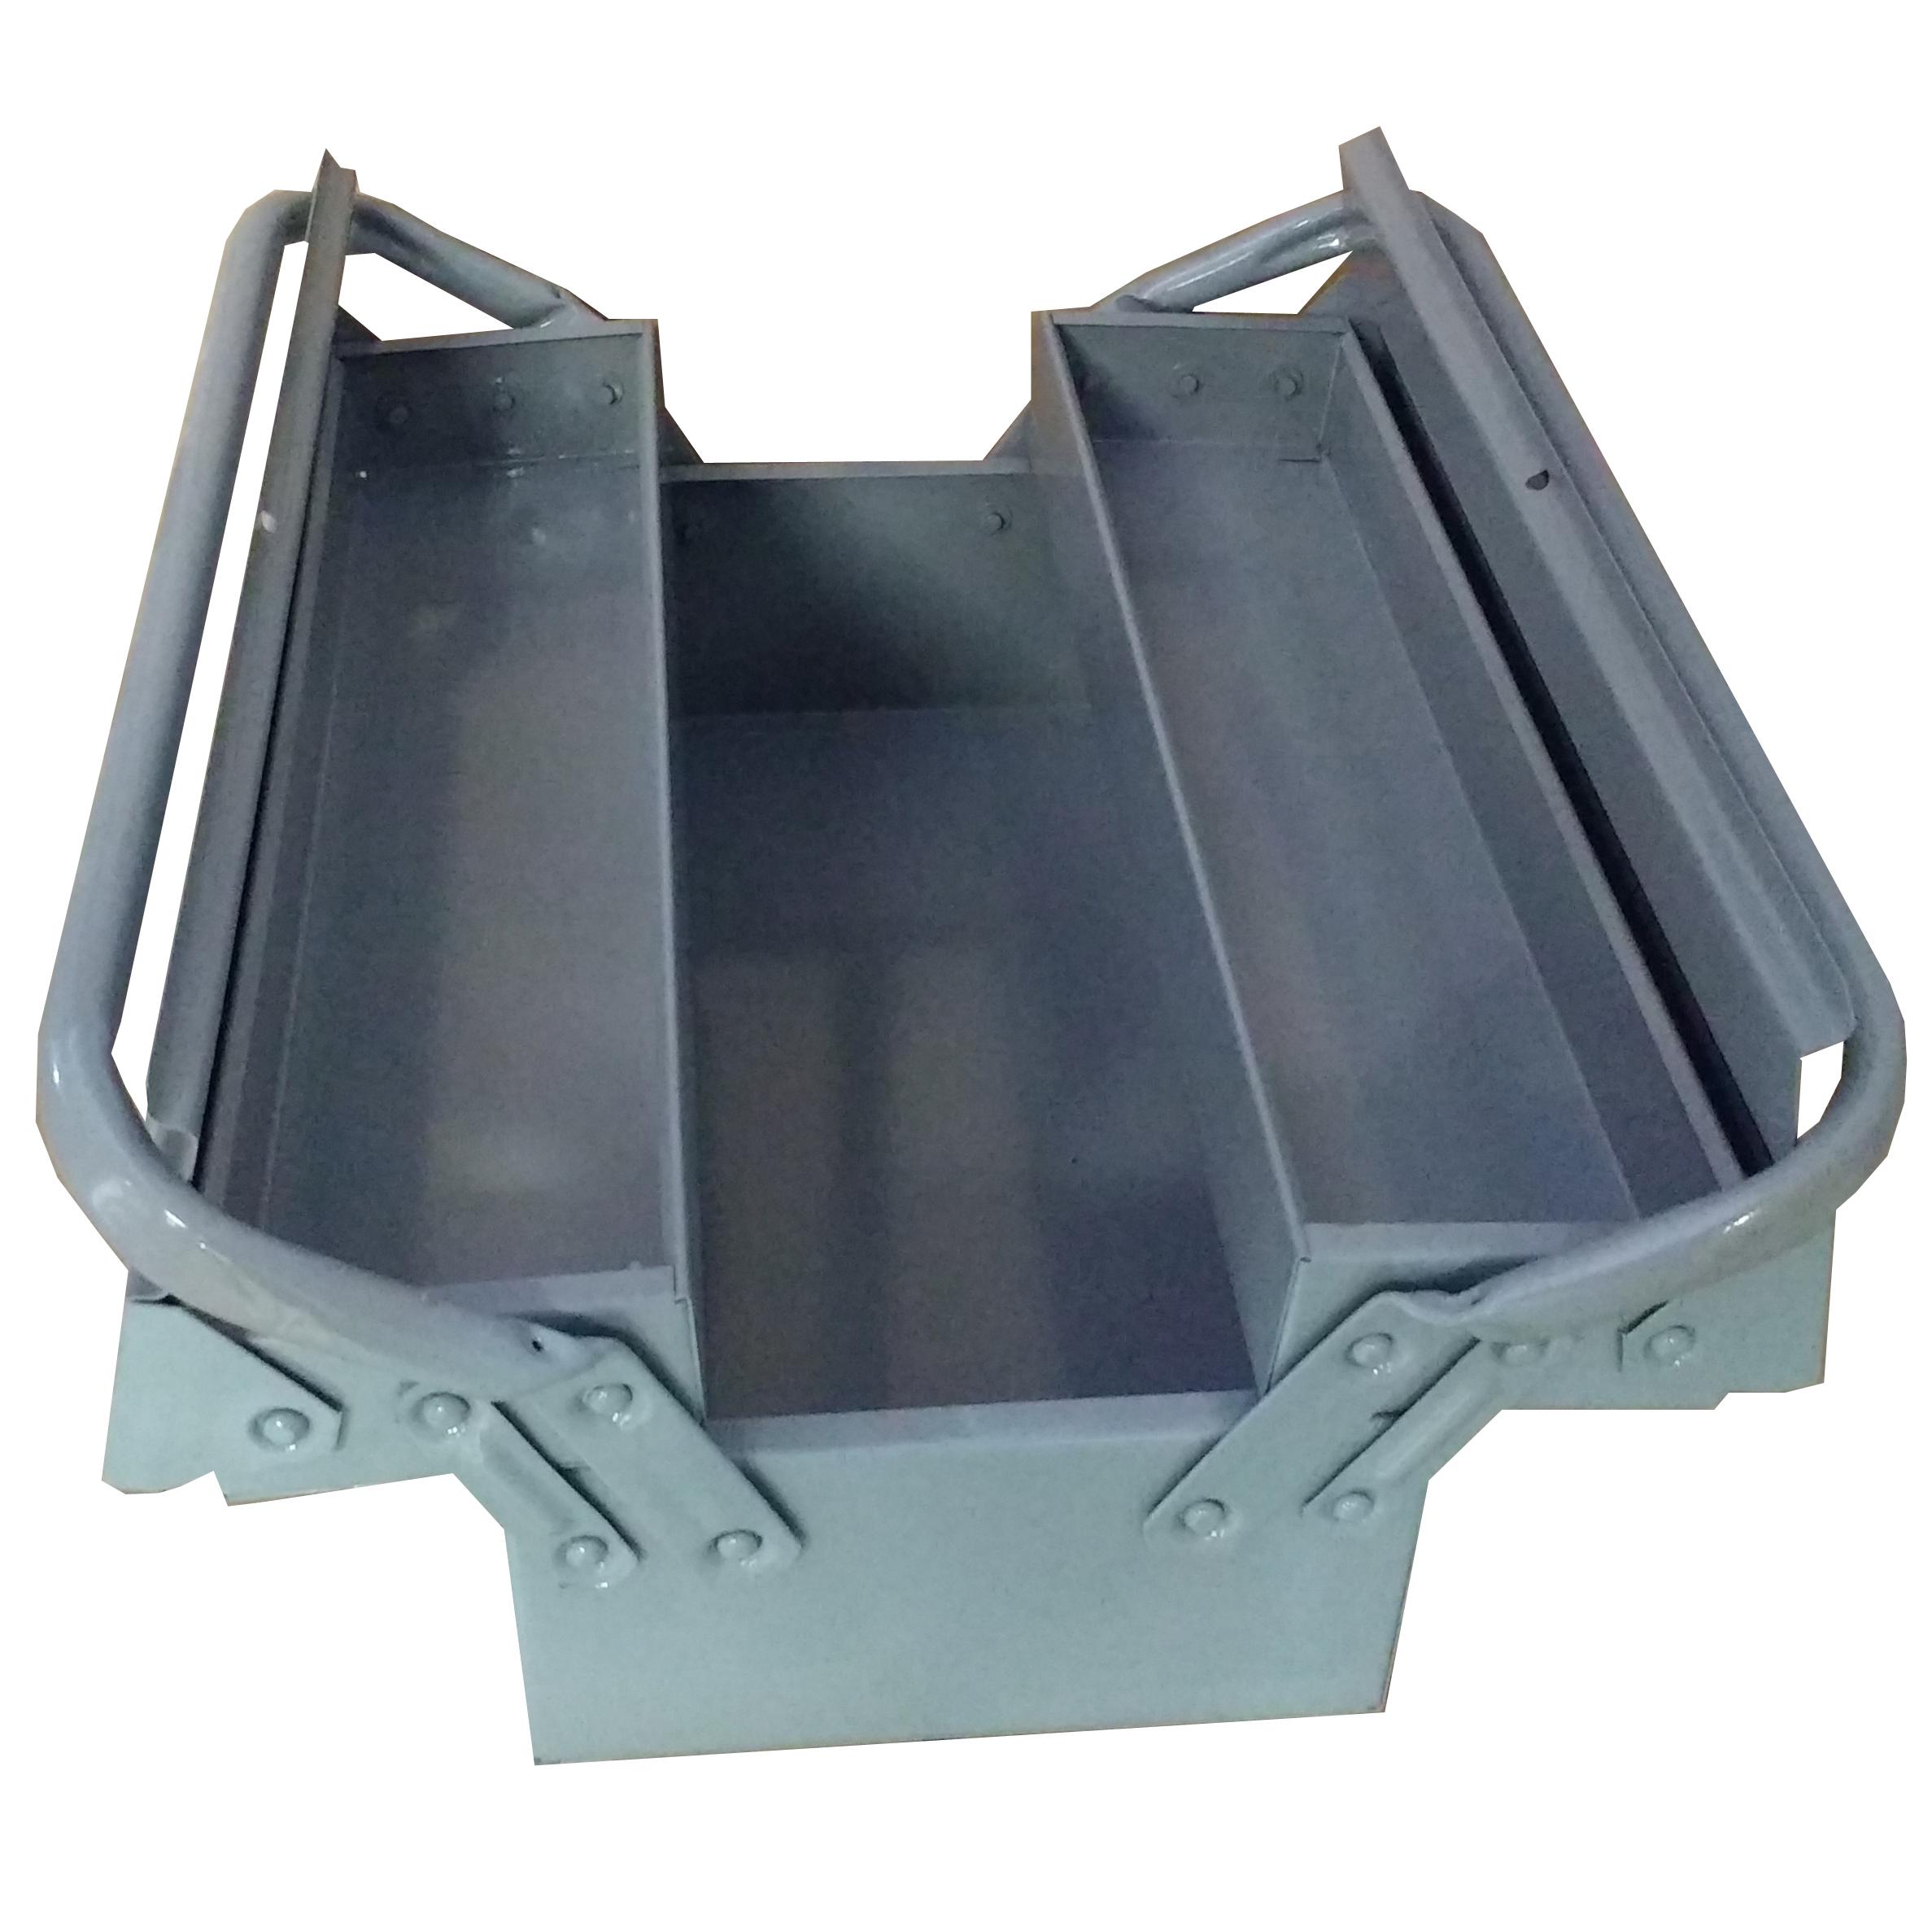 http://www.nilart.com.br/galeria/caixa-ferramentas-sanfonada-3-gavetas-50-cm-cabo-fixo-reforcada-400.350-1.jpg